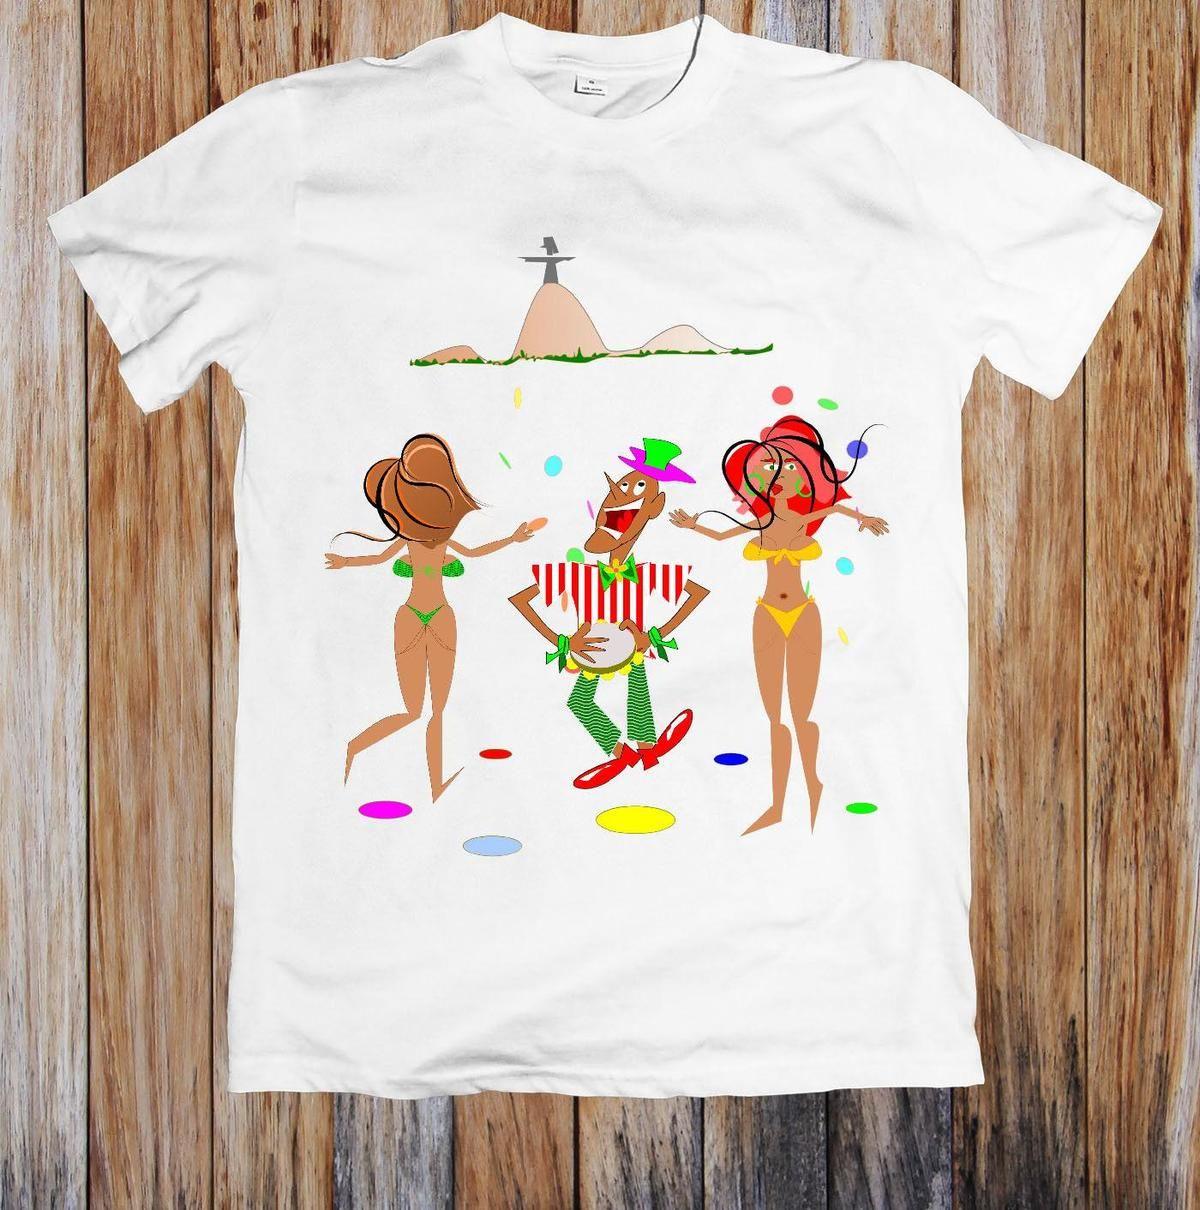 Compre 08 Rio Amesion25 A12 Camiseta Del Funny Carnaval En Unisex Lq3Rc45Aj